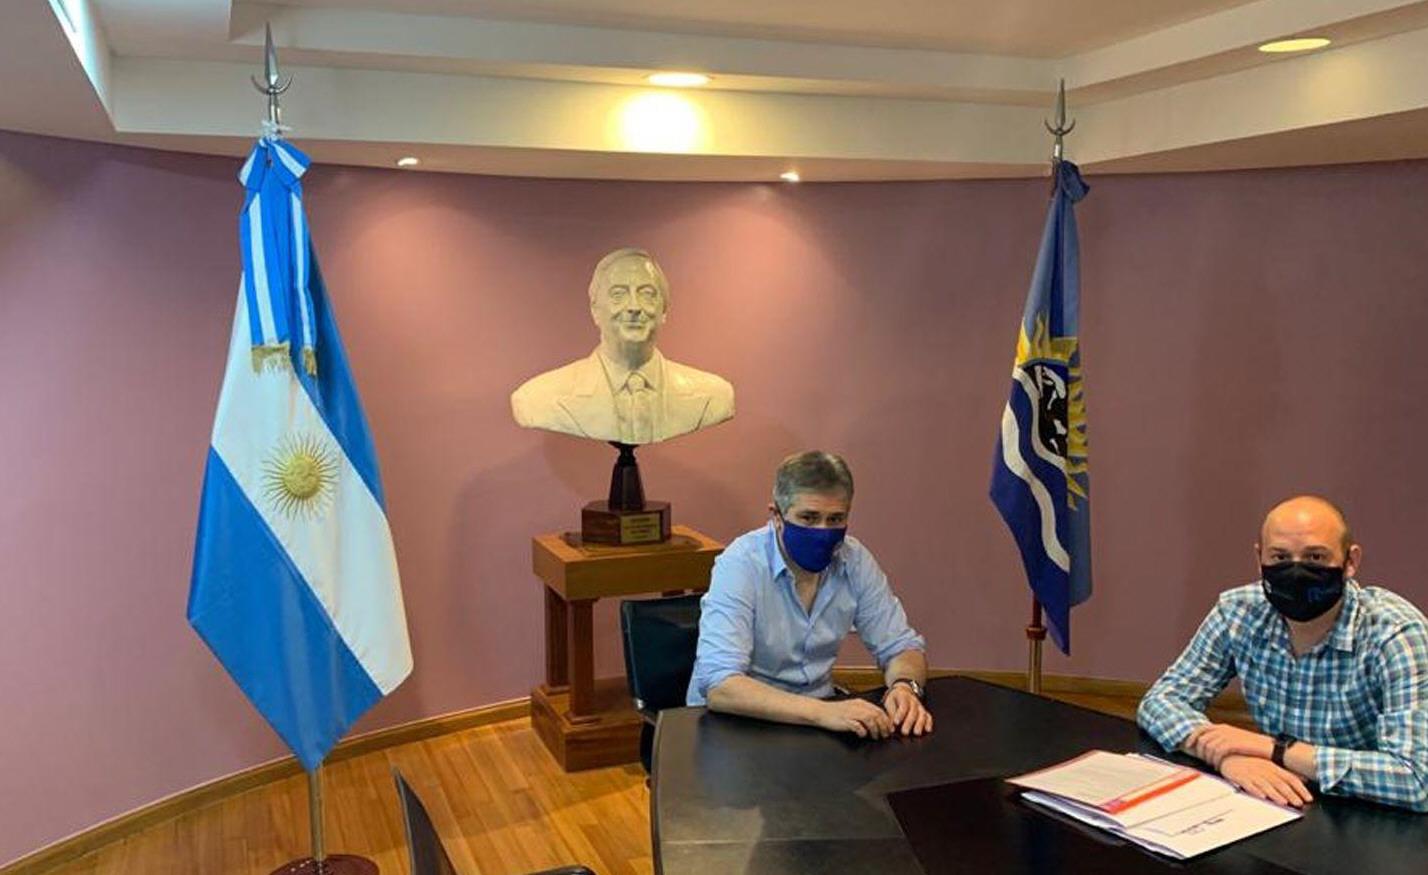 Mientras prepara su desembarco en YPF, Pablo González recibió a Menna. De fondo, un busto de Néstor Kirchner.